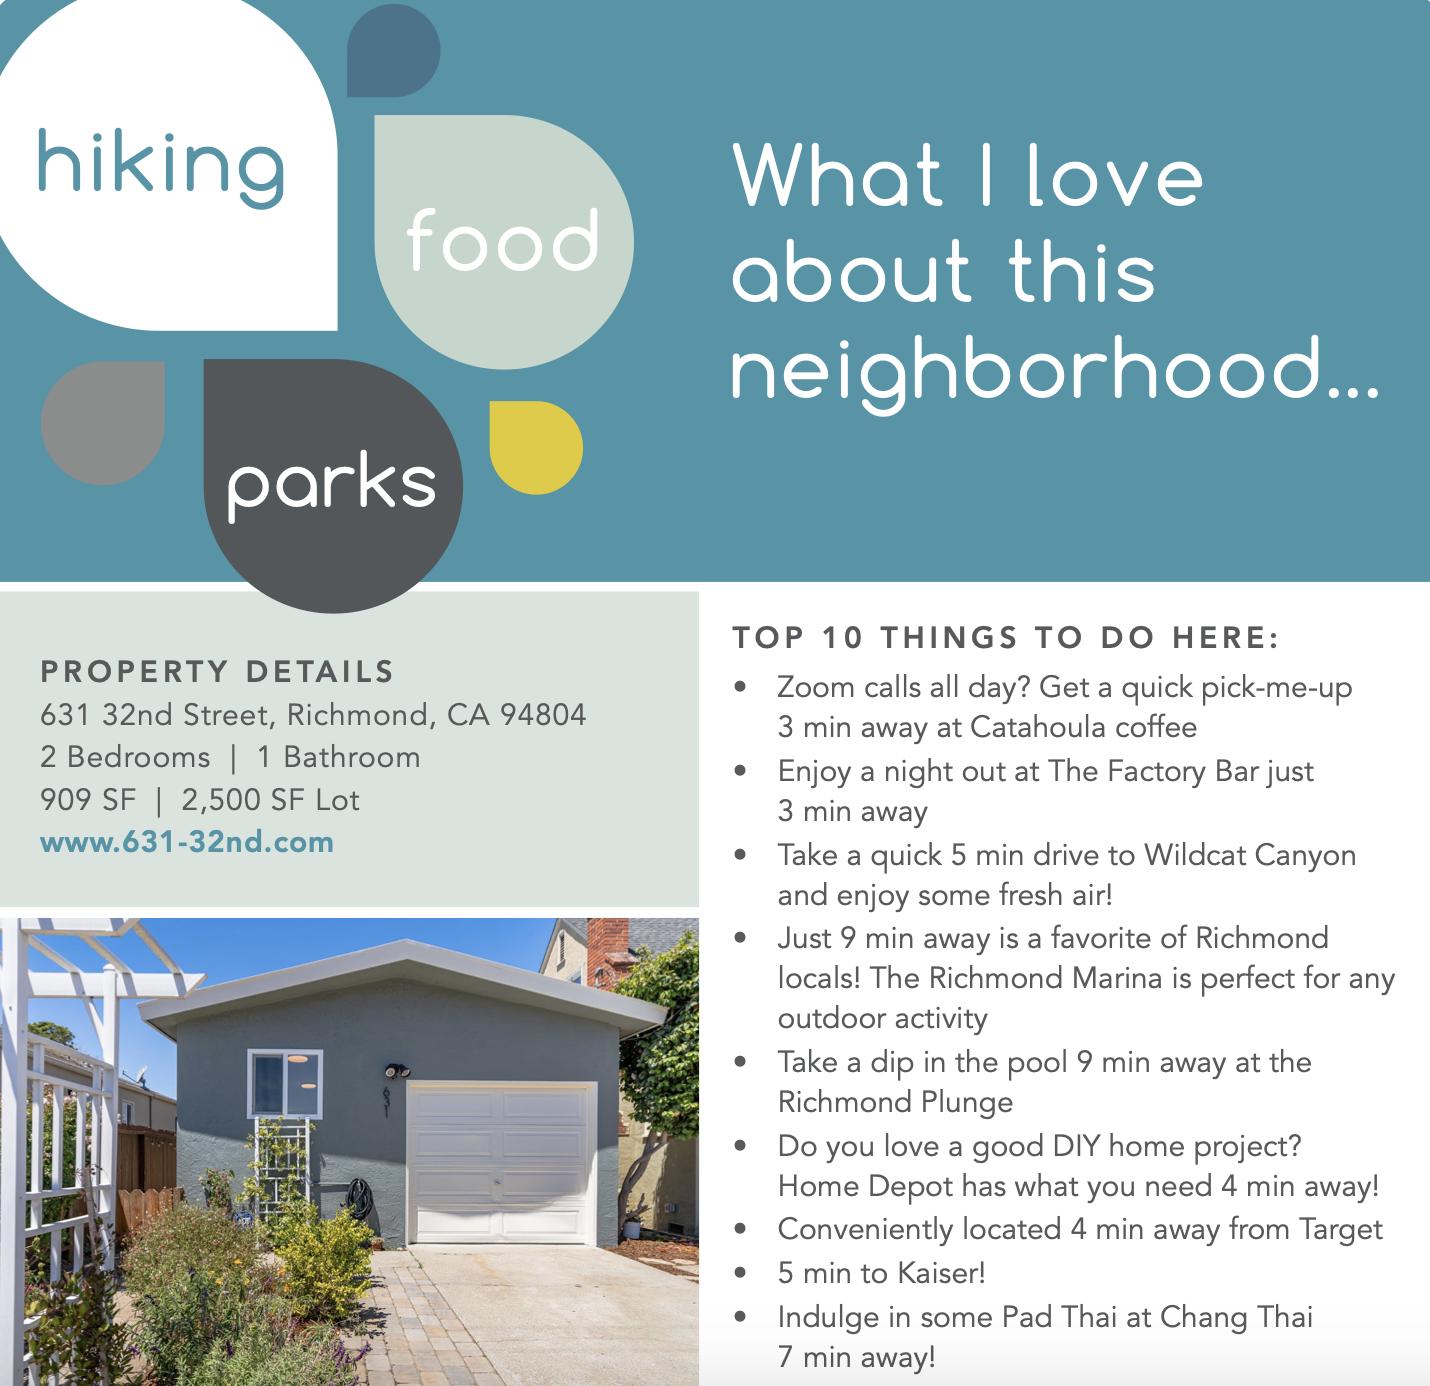 sellers neighborhood guide example